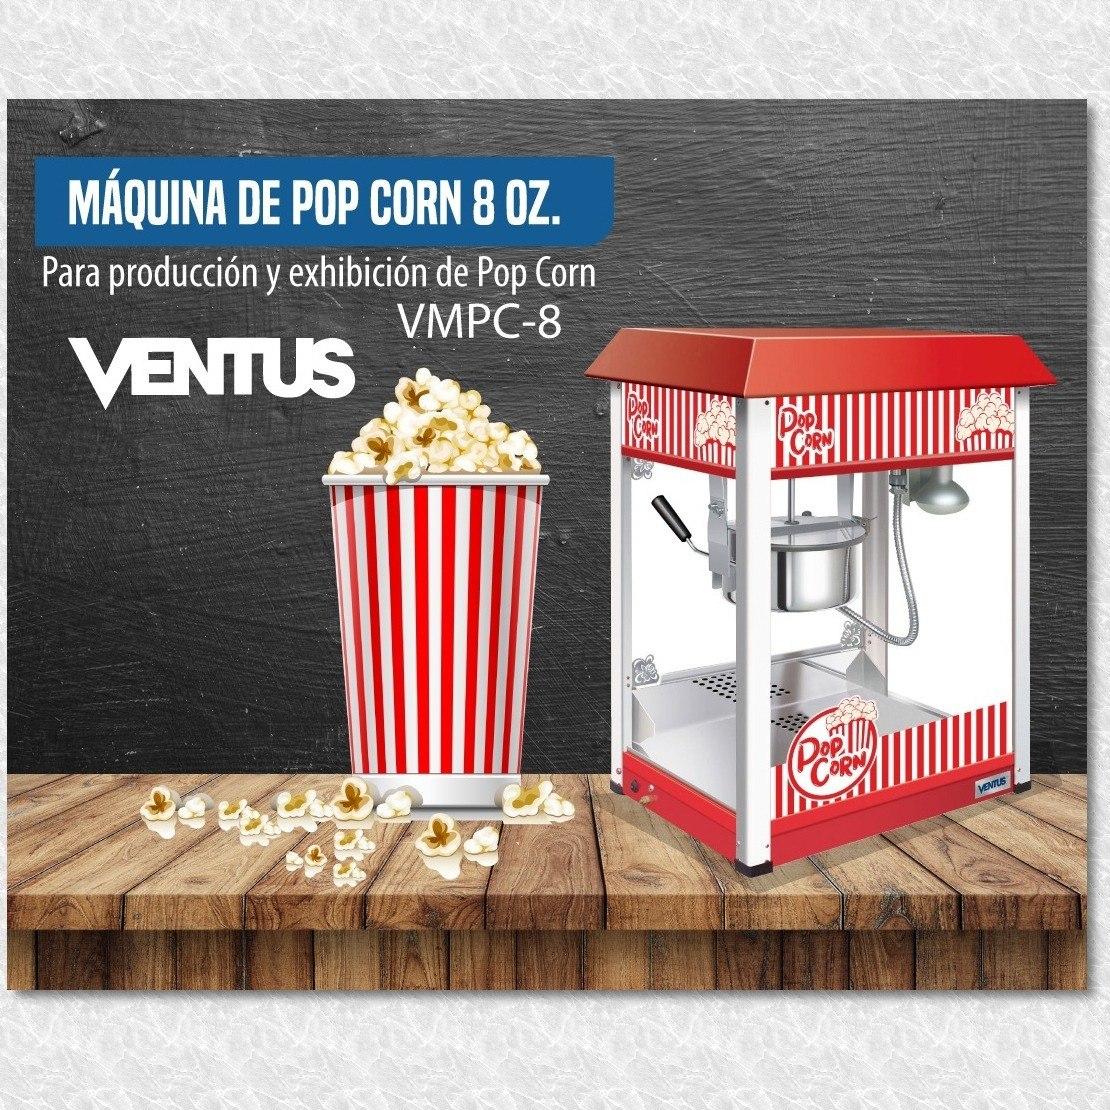 VENTUS VMPC-8